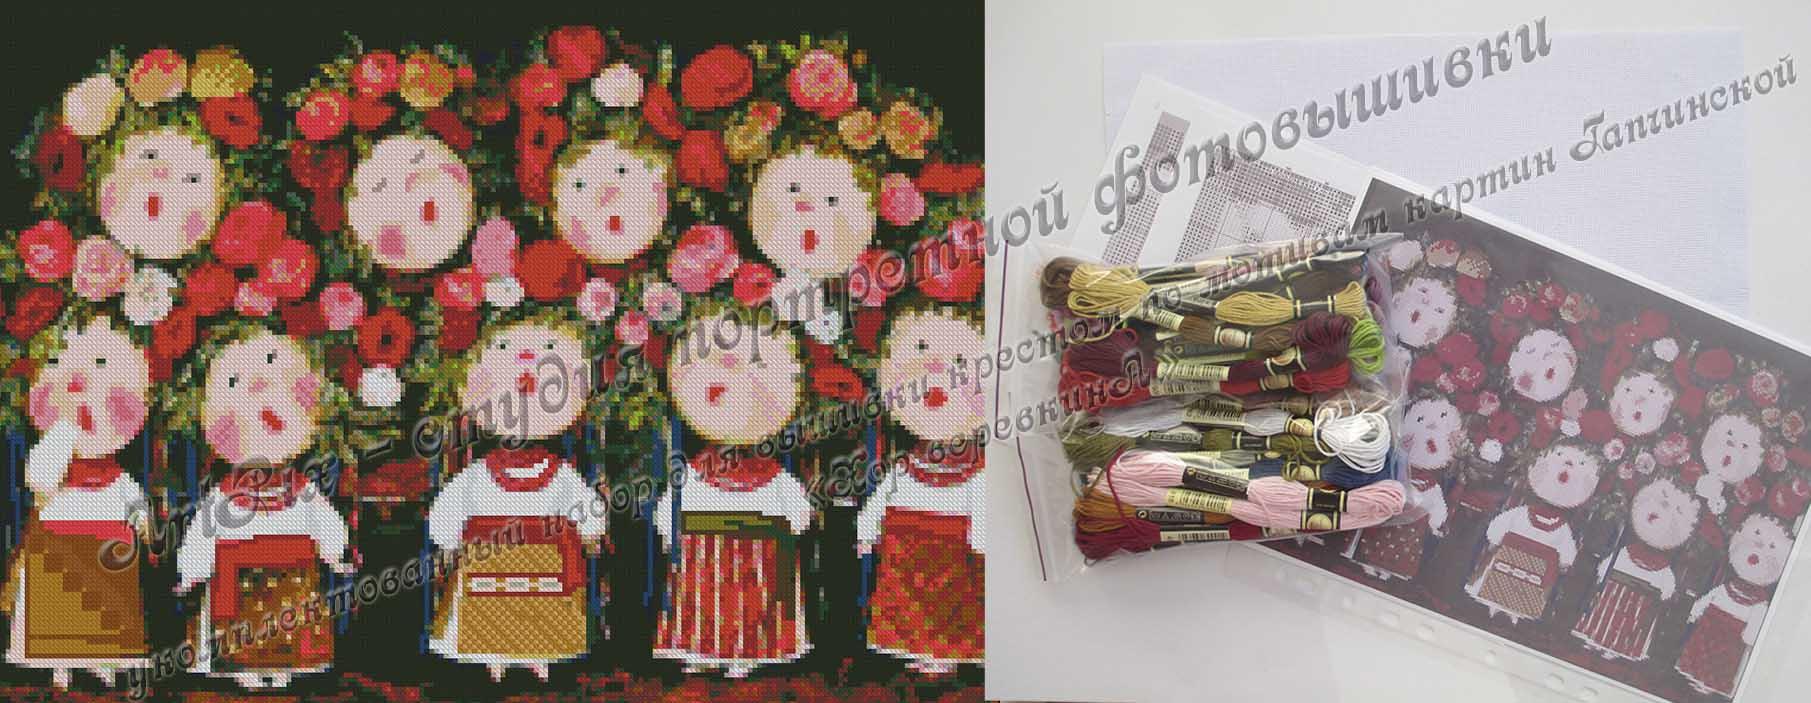 Вышивка бисером по фотографии схема